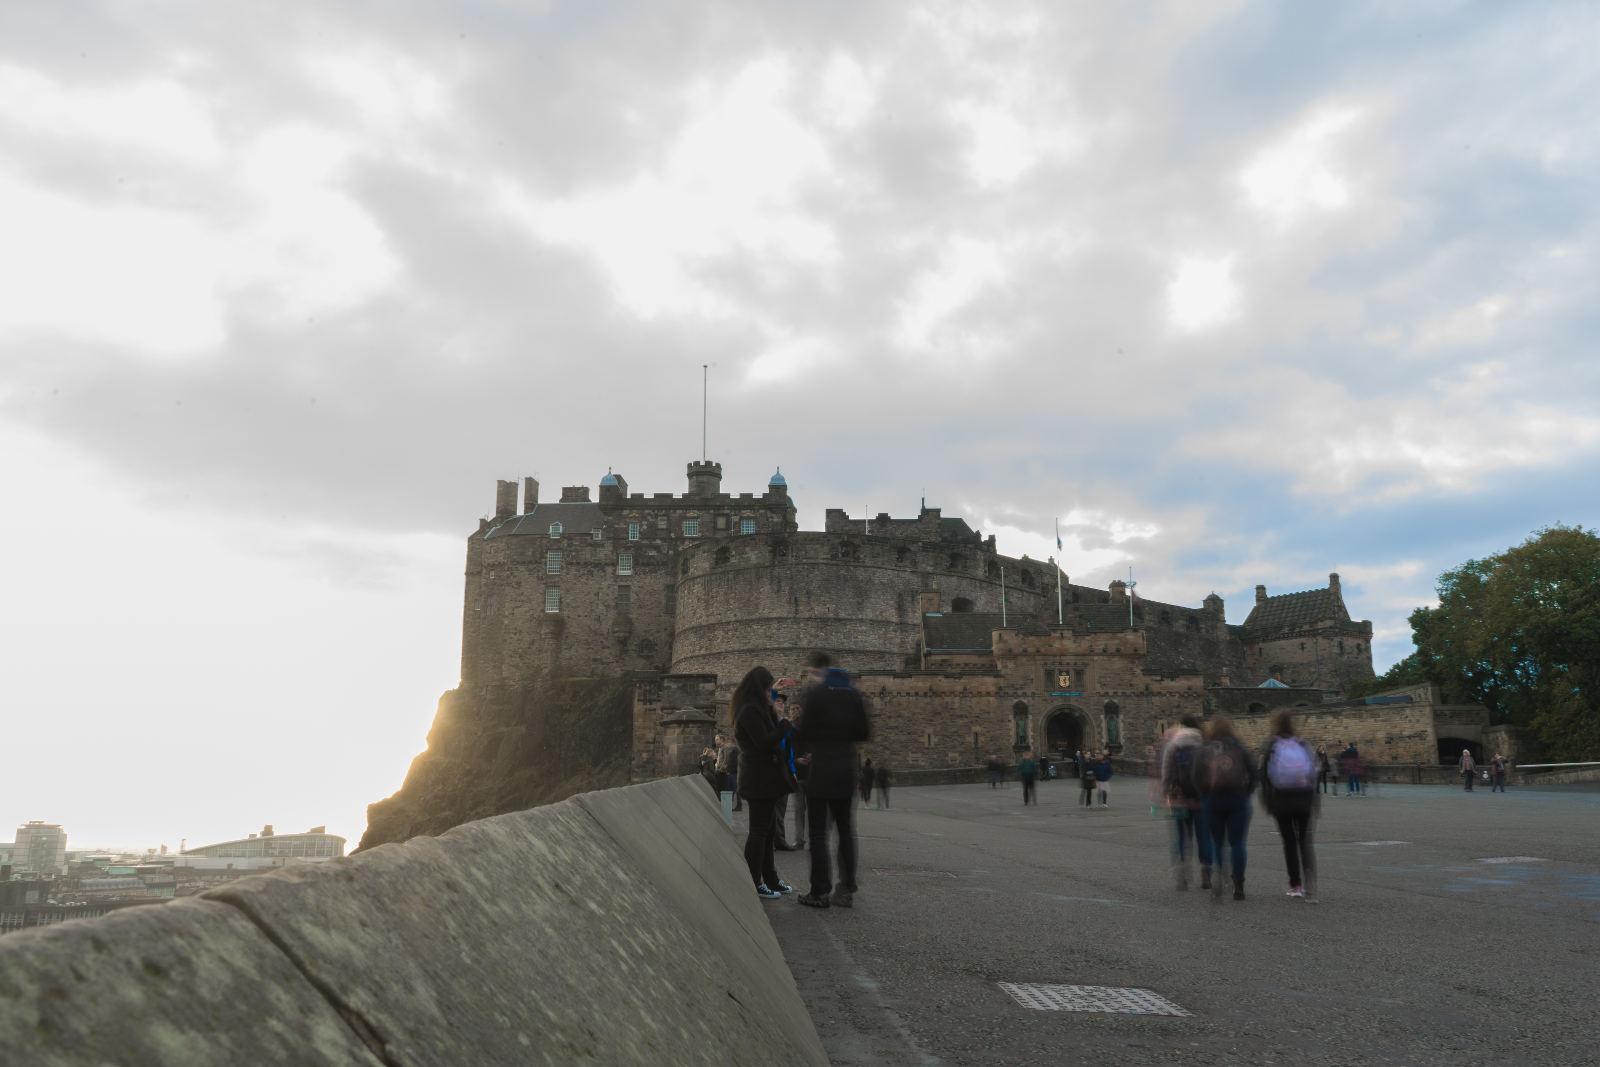 Burg auf Hügel mit Sonnenschein - Edinburgh